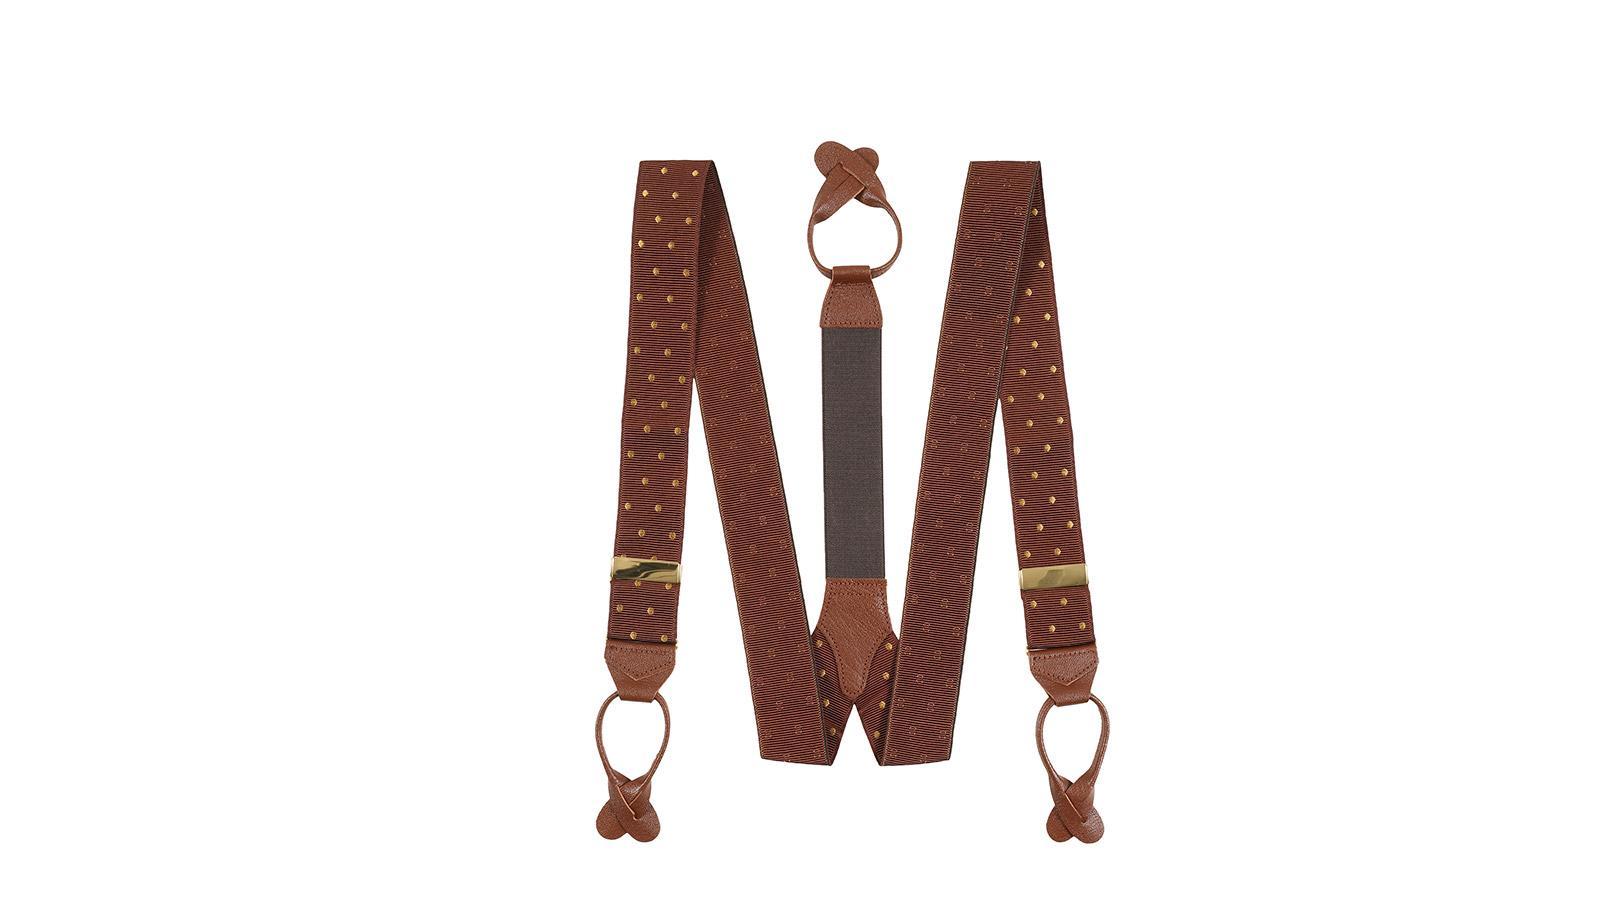 Brown & Gold Polka Dot Suspenders - slider image